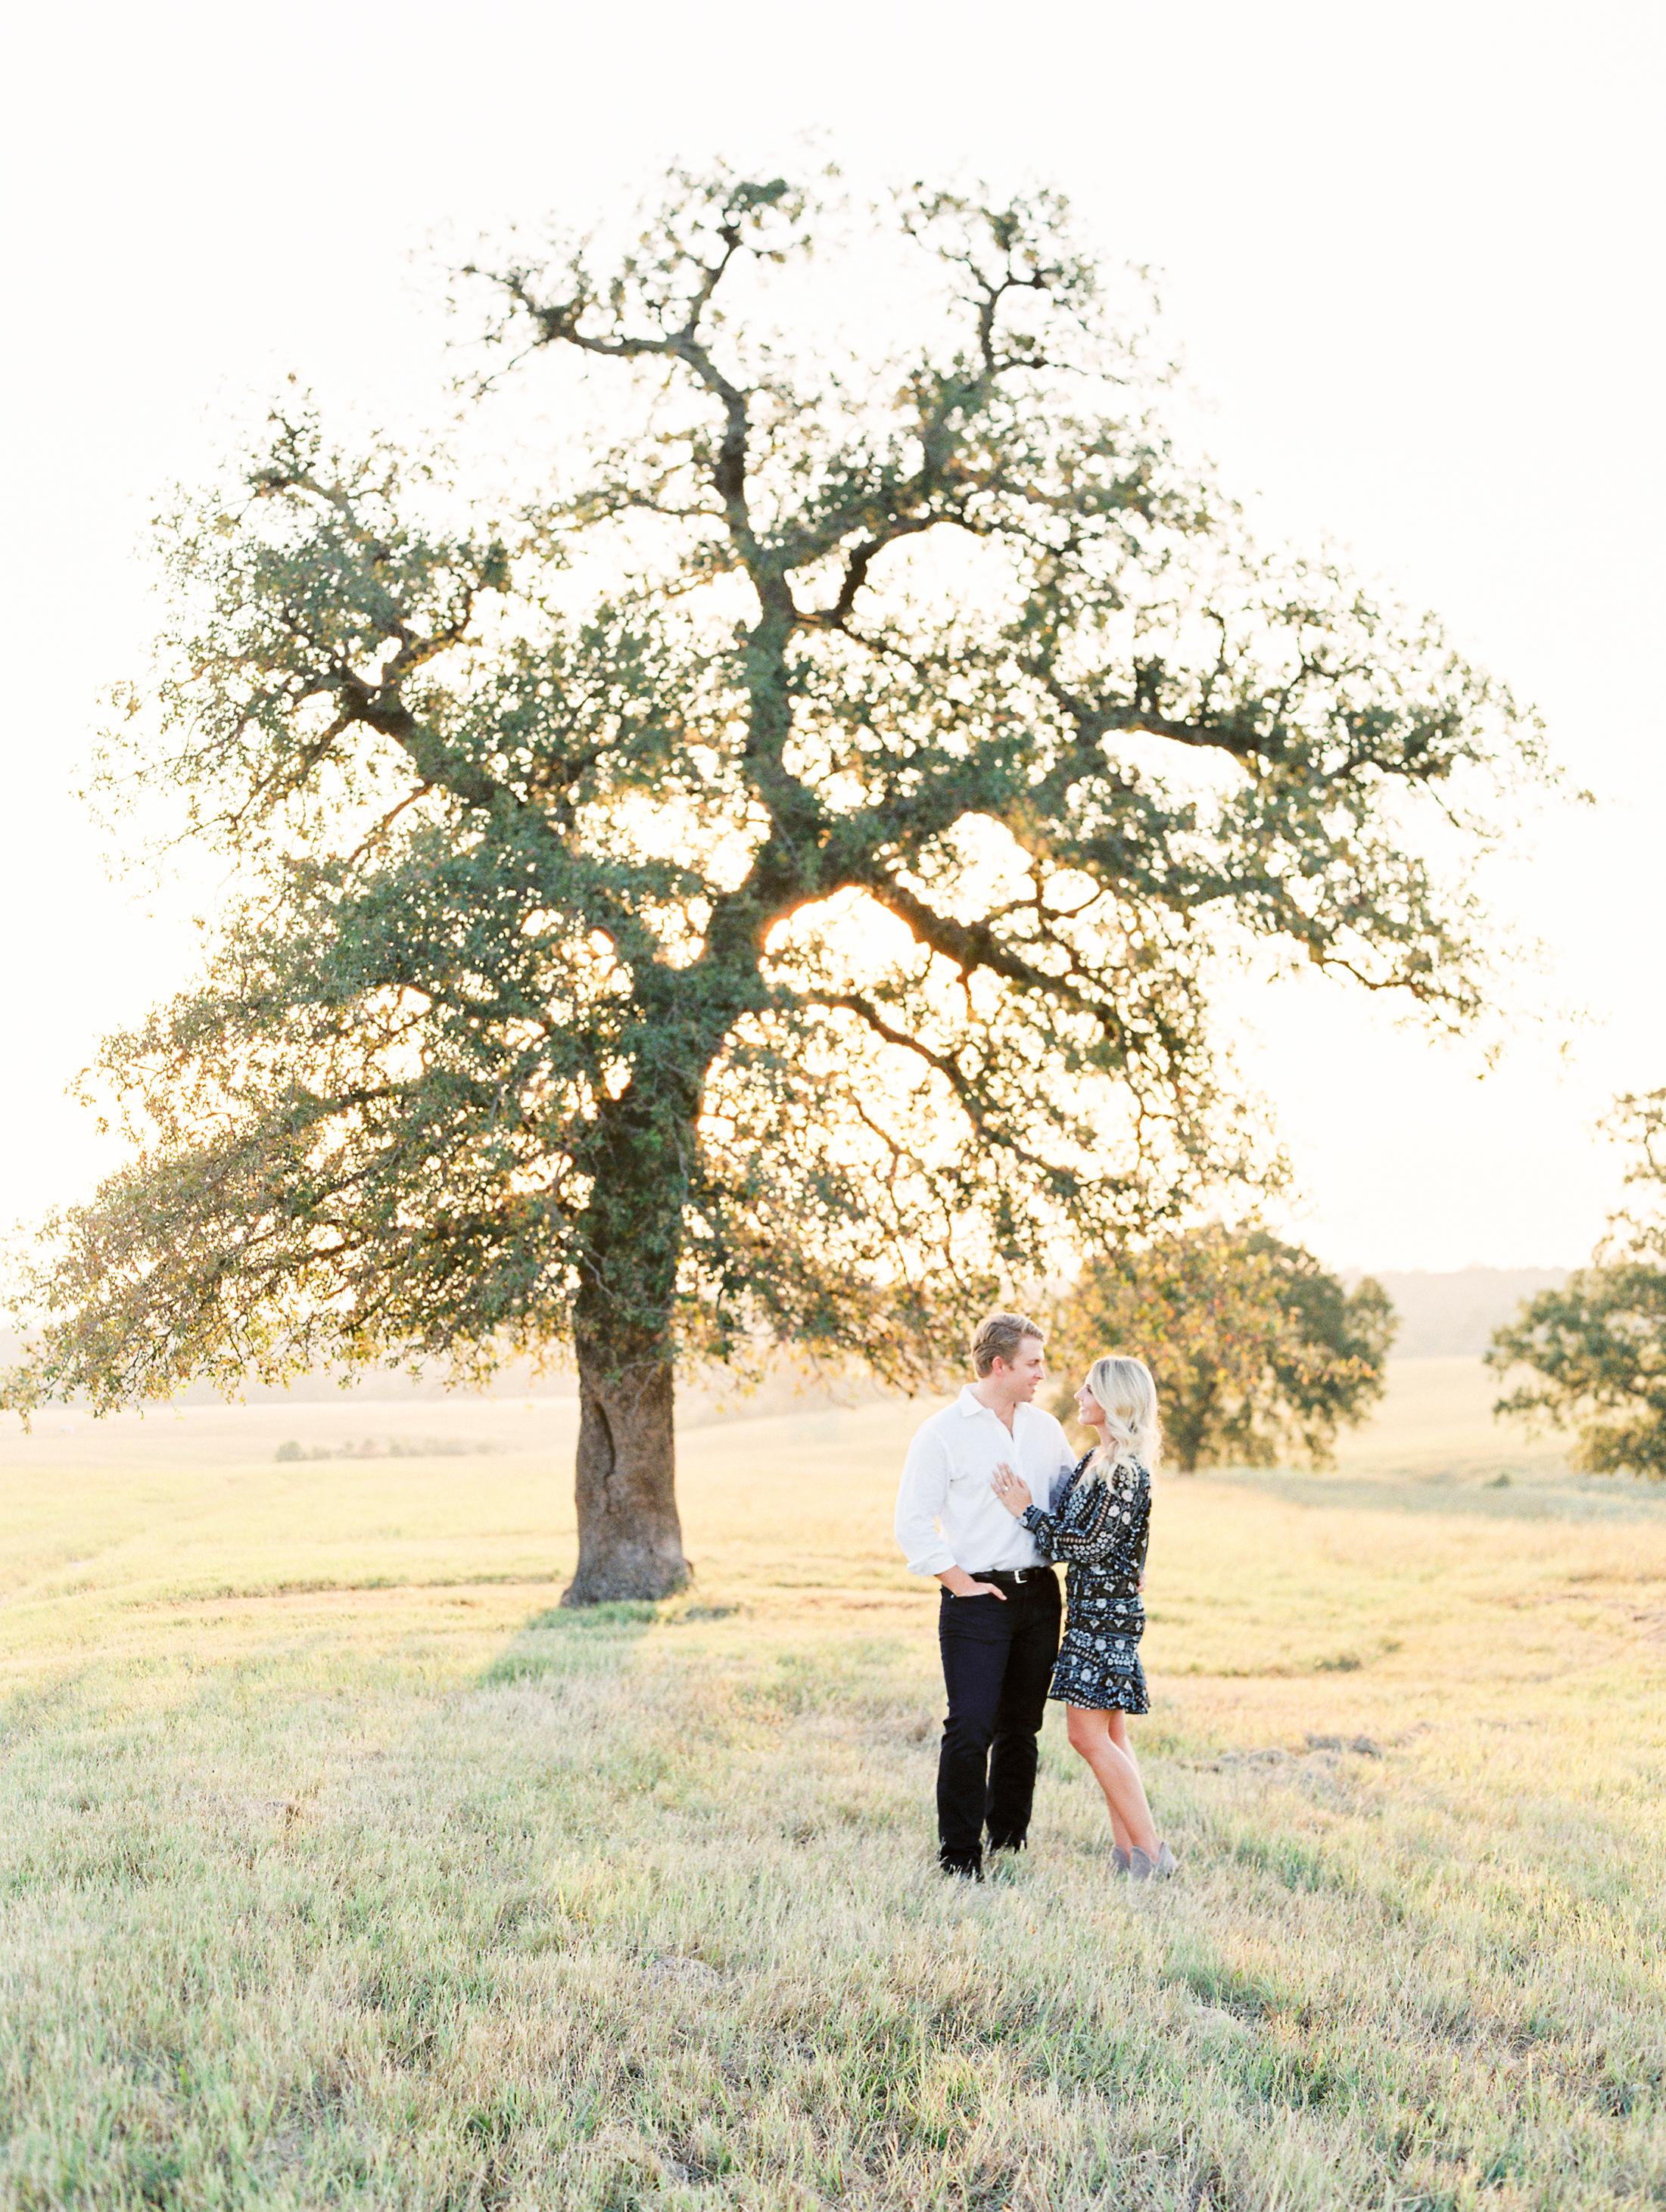 Lauren+John+Engaged+TX-8.jpg